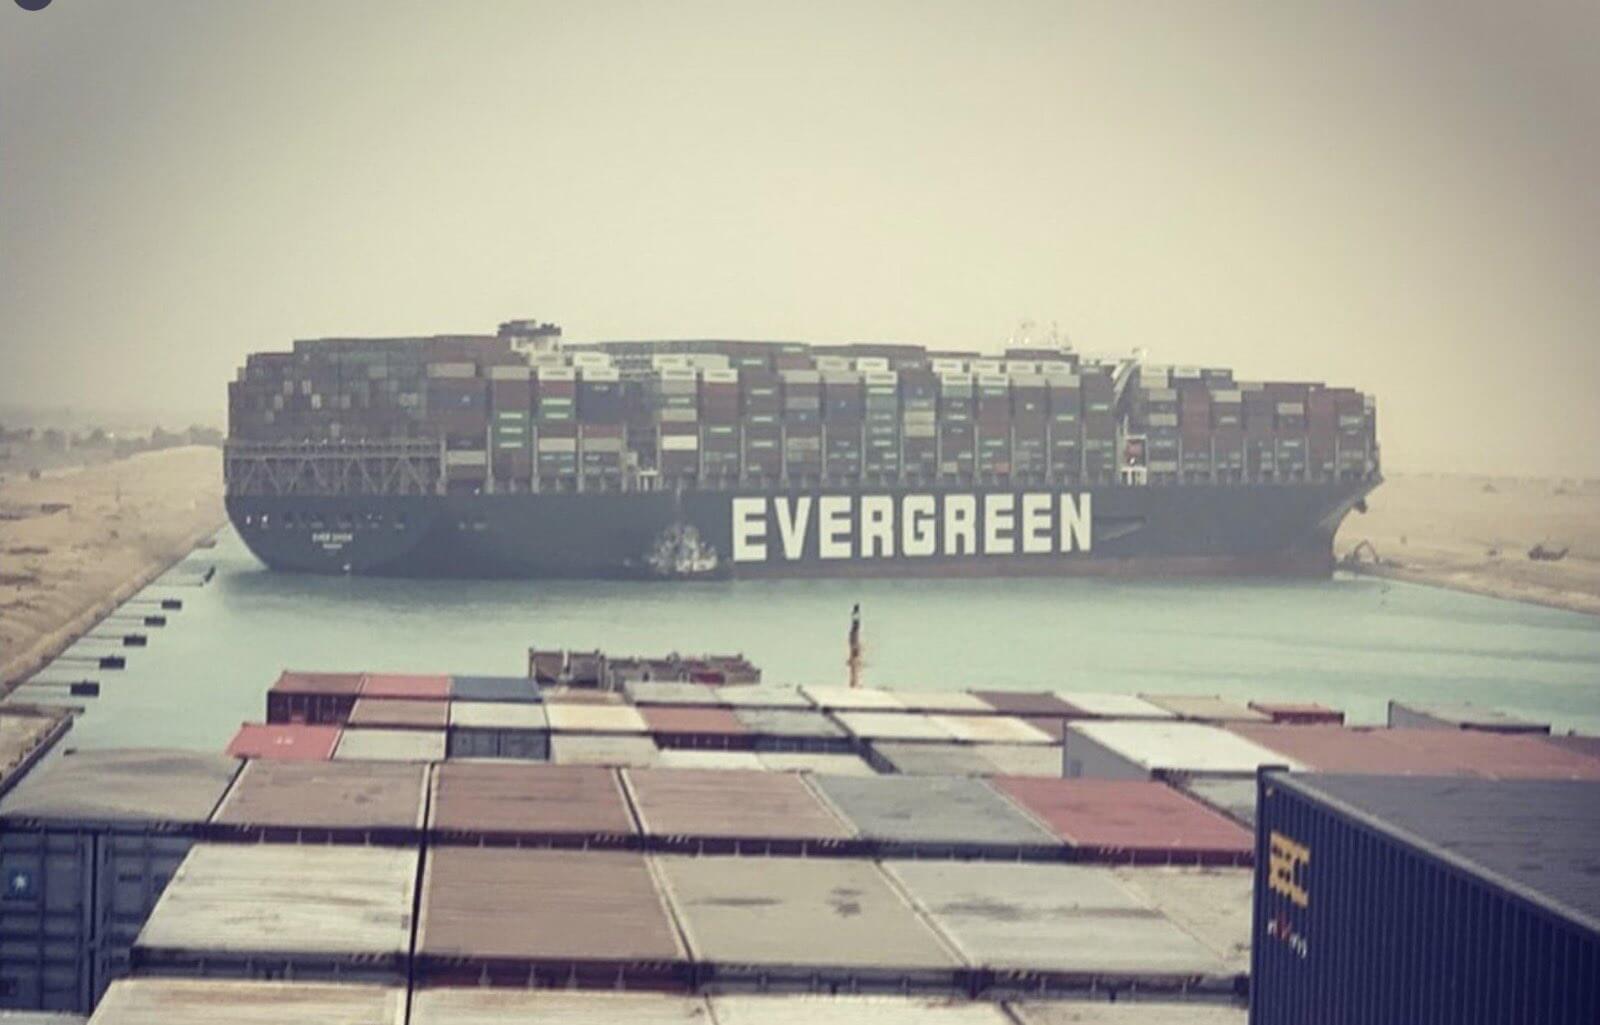 Γιγαντιαίο πλοίο κόλλησε στη διώρυγα του Σουέζ - Γίνονται προσπάθειες αποκόλλησης